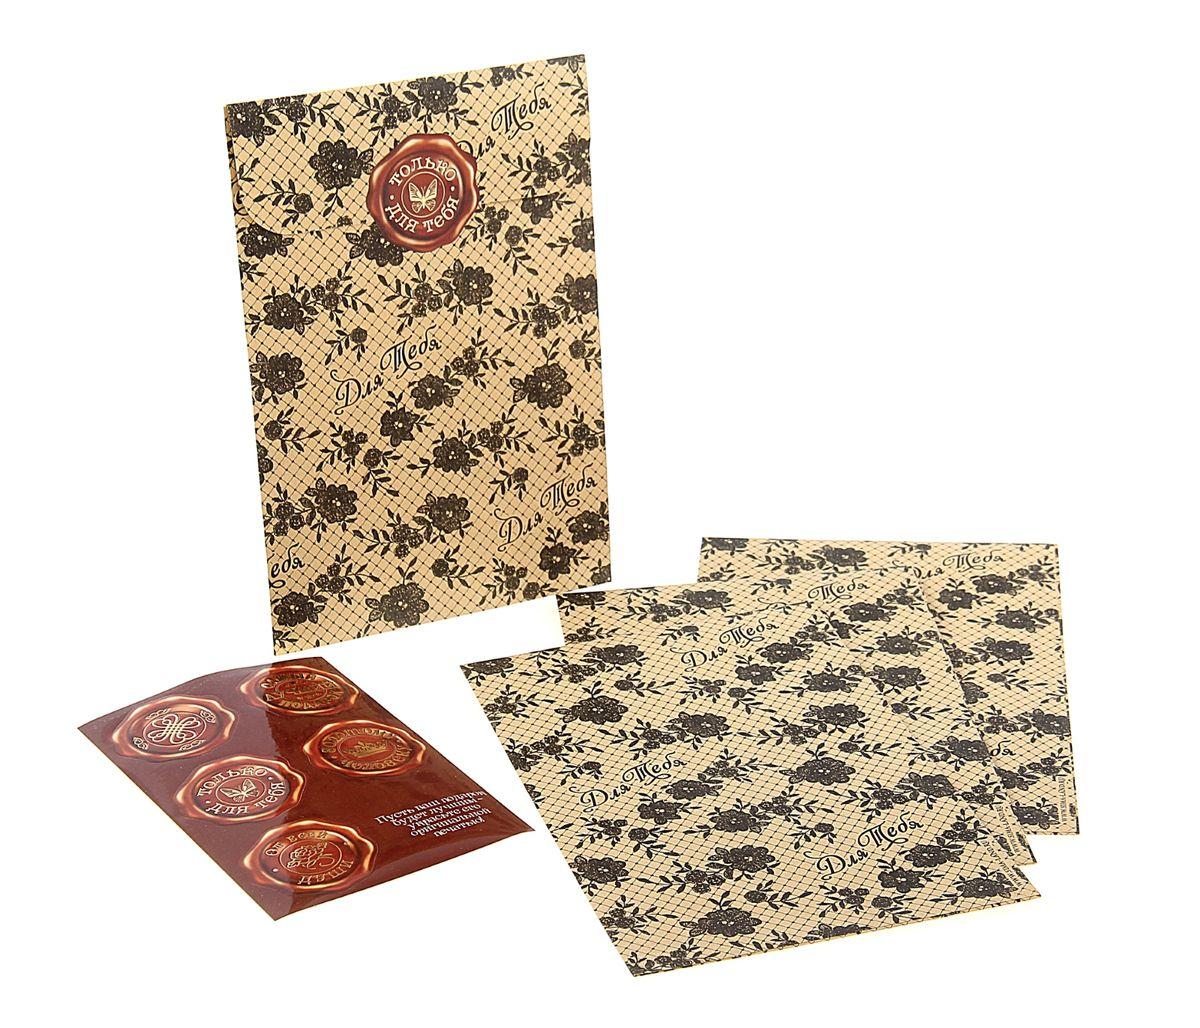 Набор подарочных крафт-конвертов Sima-land Для тебя, 21 см х 14 см, 10 штBME.TGНабор Sima-land Для тебя включает 10 подарочных конвертов, изготовленных из крафт-бумаги с красивым цветочным орнаментом. Такой конверт прекрасно подойдет для поздравительной открытки, любовного послания, денежного подарка. Внимание к упаковке подарка позволит ему стать памятным и запоминающимся, а также вызовет море положительных эмоций у получателя.Конверт скрепляется специальной наклейкой, стилизованной под восковую печать (в комплекте 10 штук).